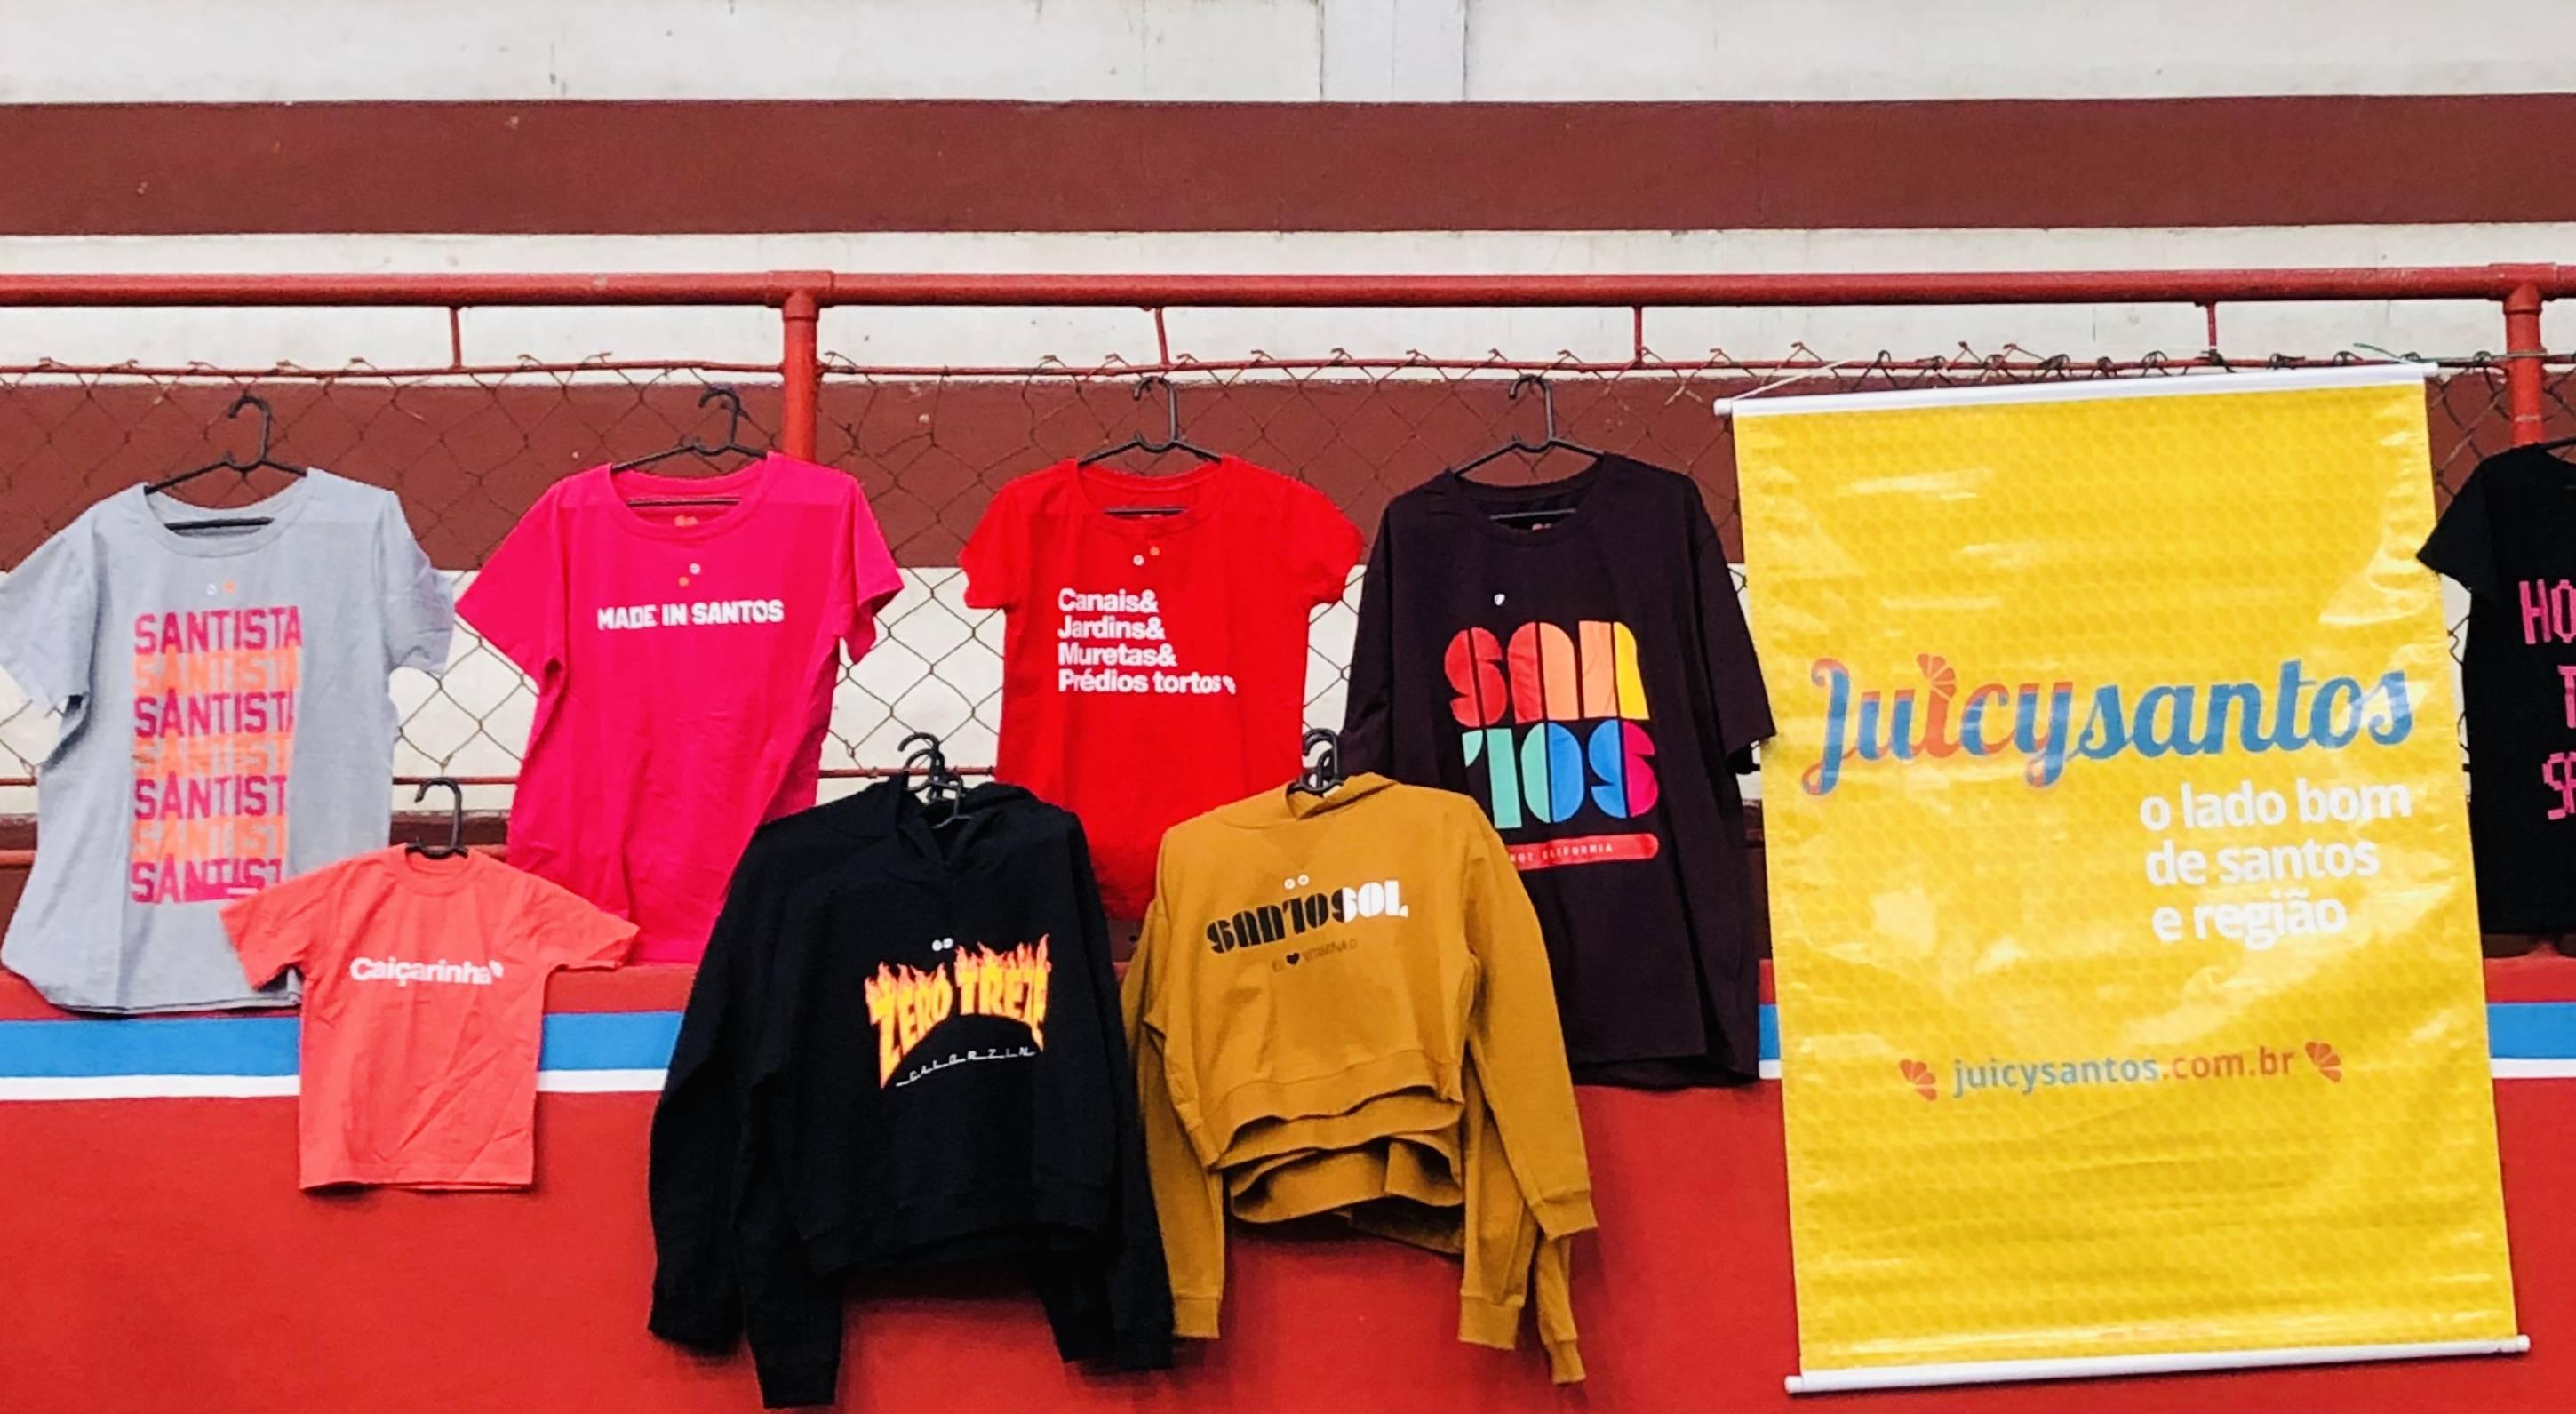 www.juicysantos.com.br - camisetas do juicy santos no encontro de criadores